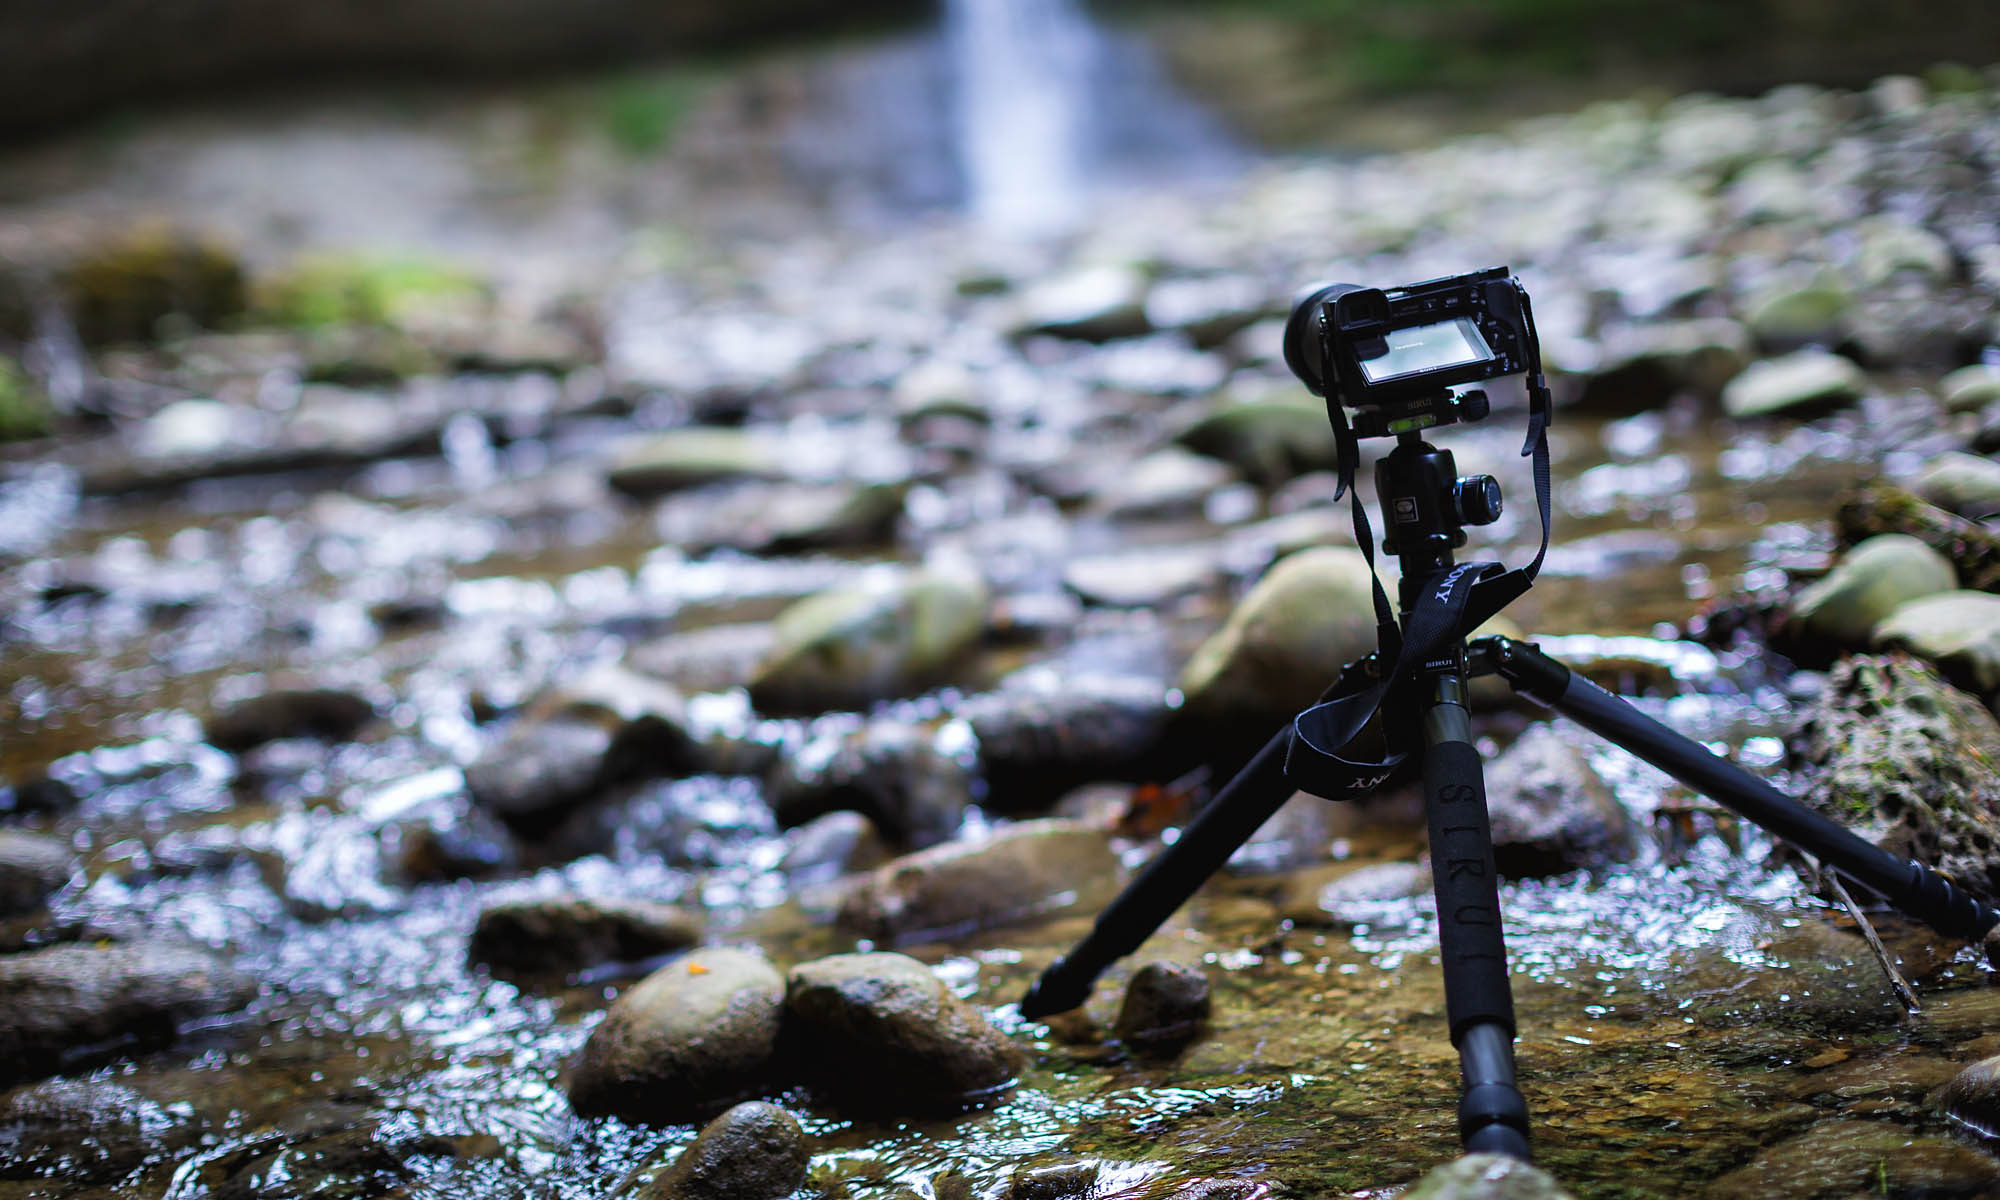 Fotokurse im Zürcher Oberland | entspannt Fotografieren lernen